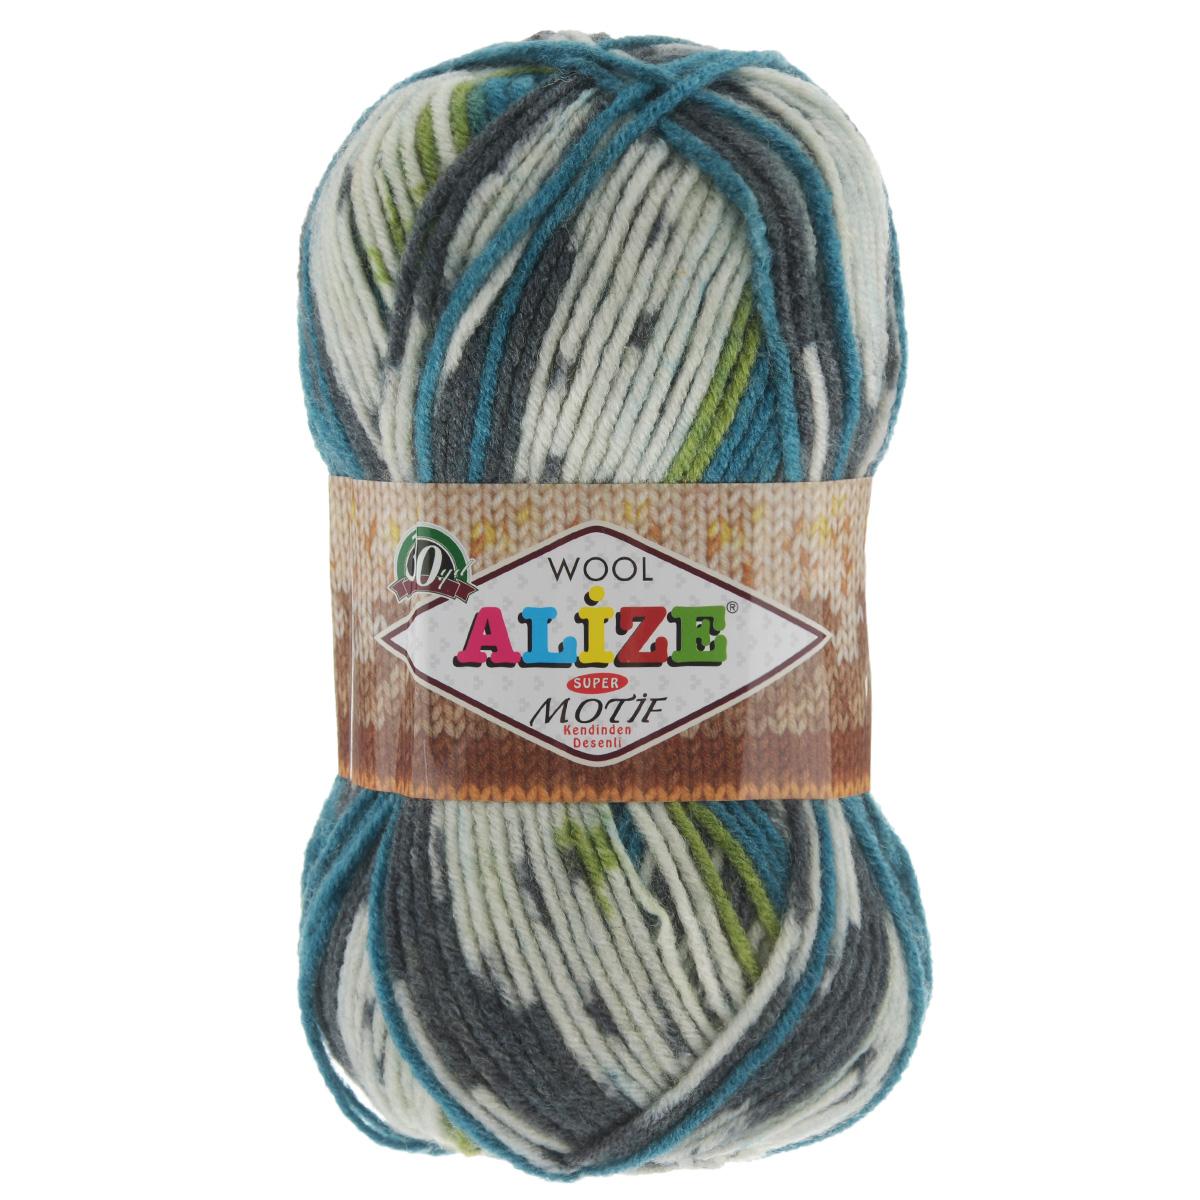 Пряжа для вязания Alize Motif, цвет: белый, серый, зеленый (4326), 200 м, 100 г, 5 шт367014_4326Турецкая пряжа Alize MOTIF для ручного вязания. Нить толстая крученая, очень мягкая. Хорошо подходит для вязания теплых свитеров, пальто, изделий для интерьера. Оригинальное сочетание разноцветного узора и полос. Теплая осенне-зимняя пряжа для всей семьи. При вязании лицевой гладью складываются жаккардовые узоры. Состав: 80% акрил, 20% шерсть. Рекомендованные спицы № 5-6.